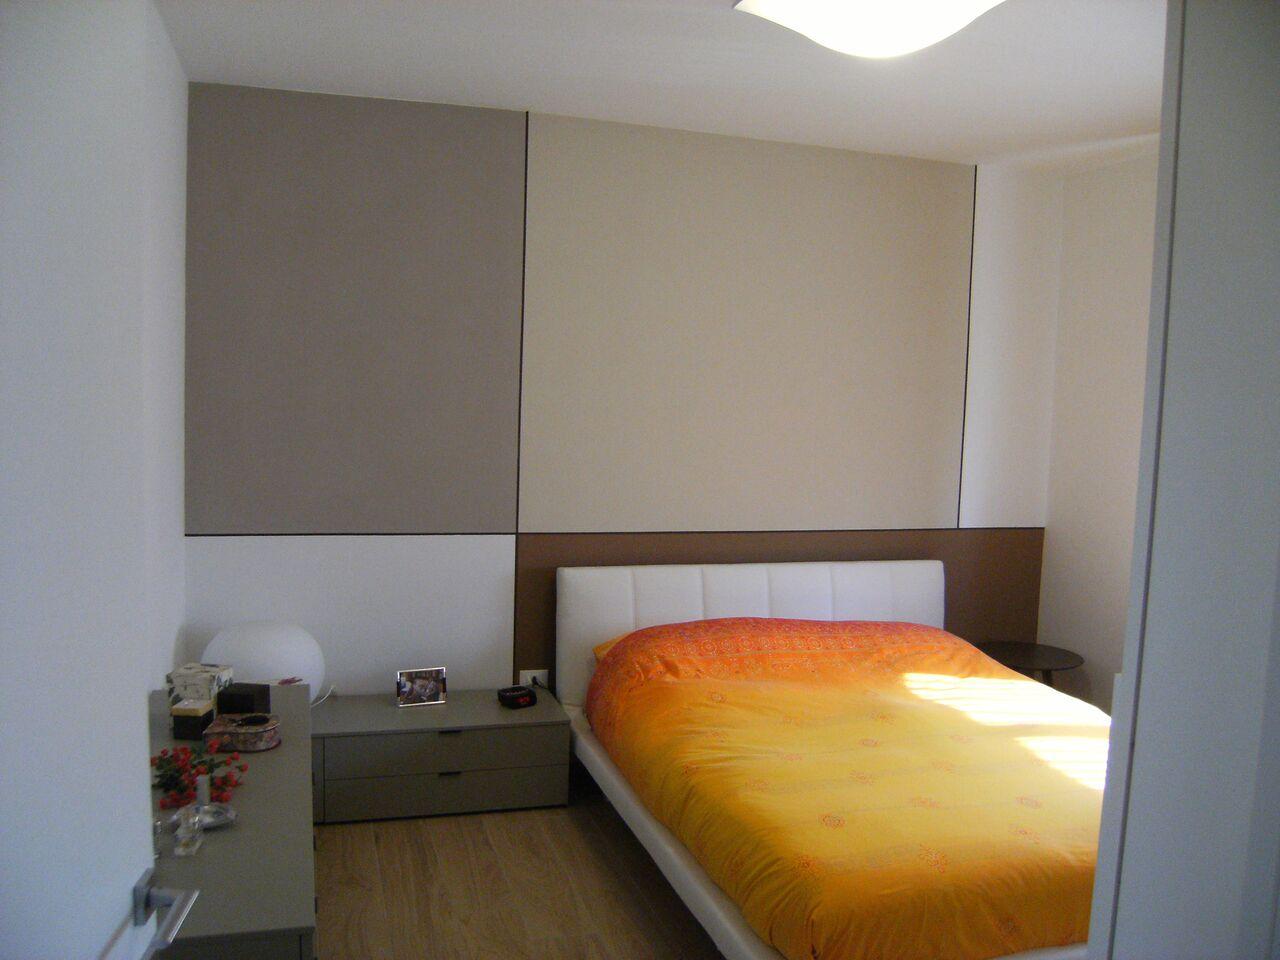 interni-lab-cartongesso-decorazioni-03